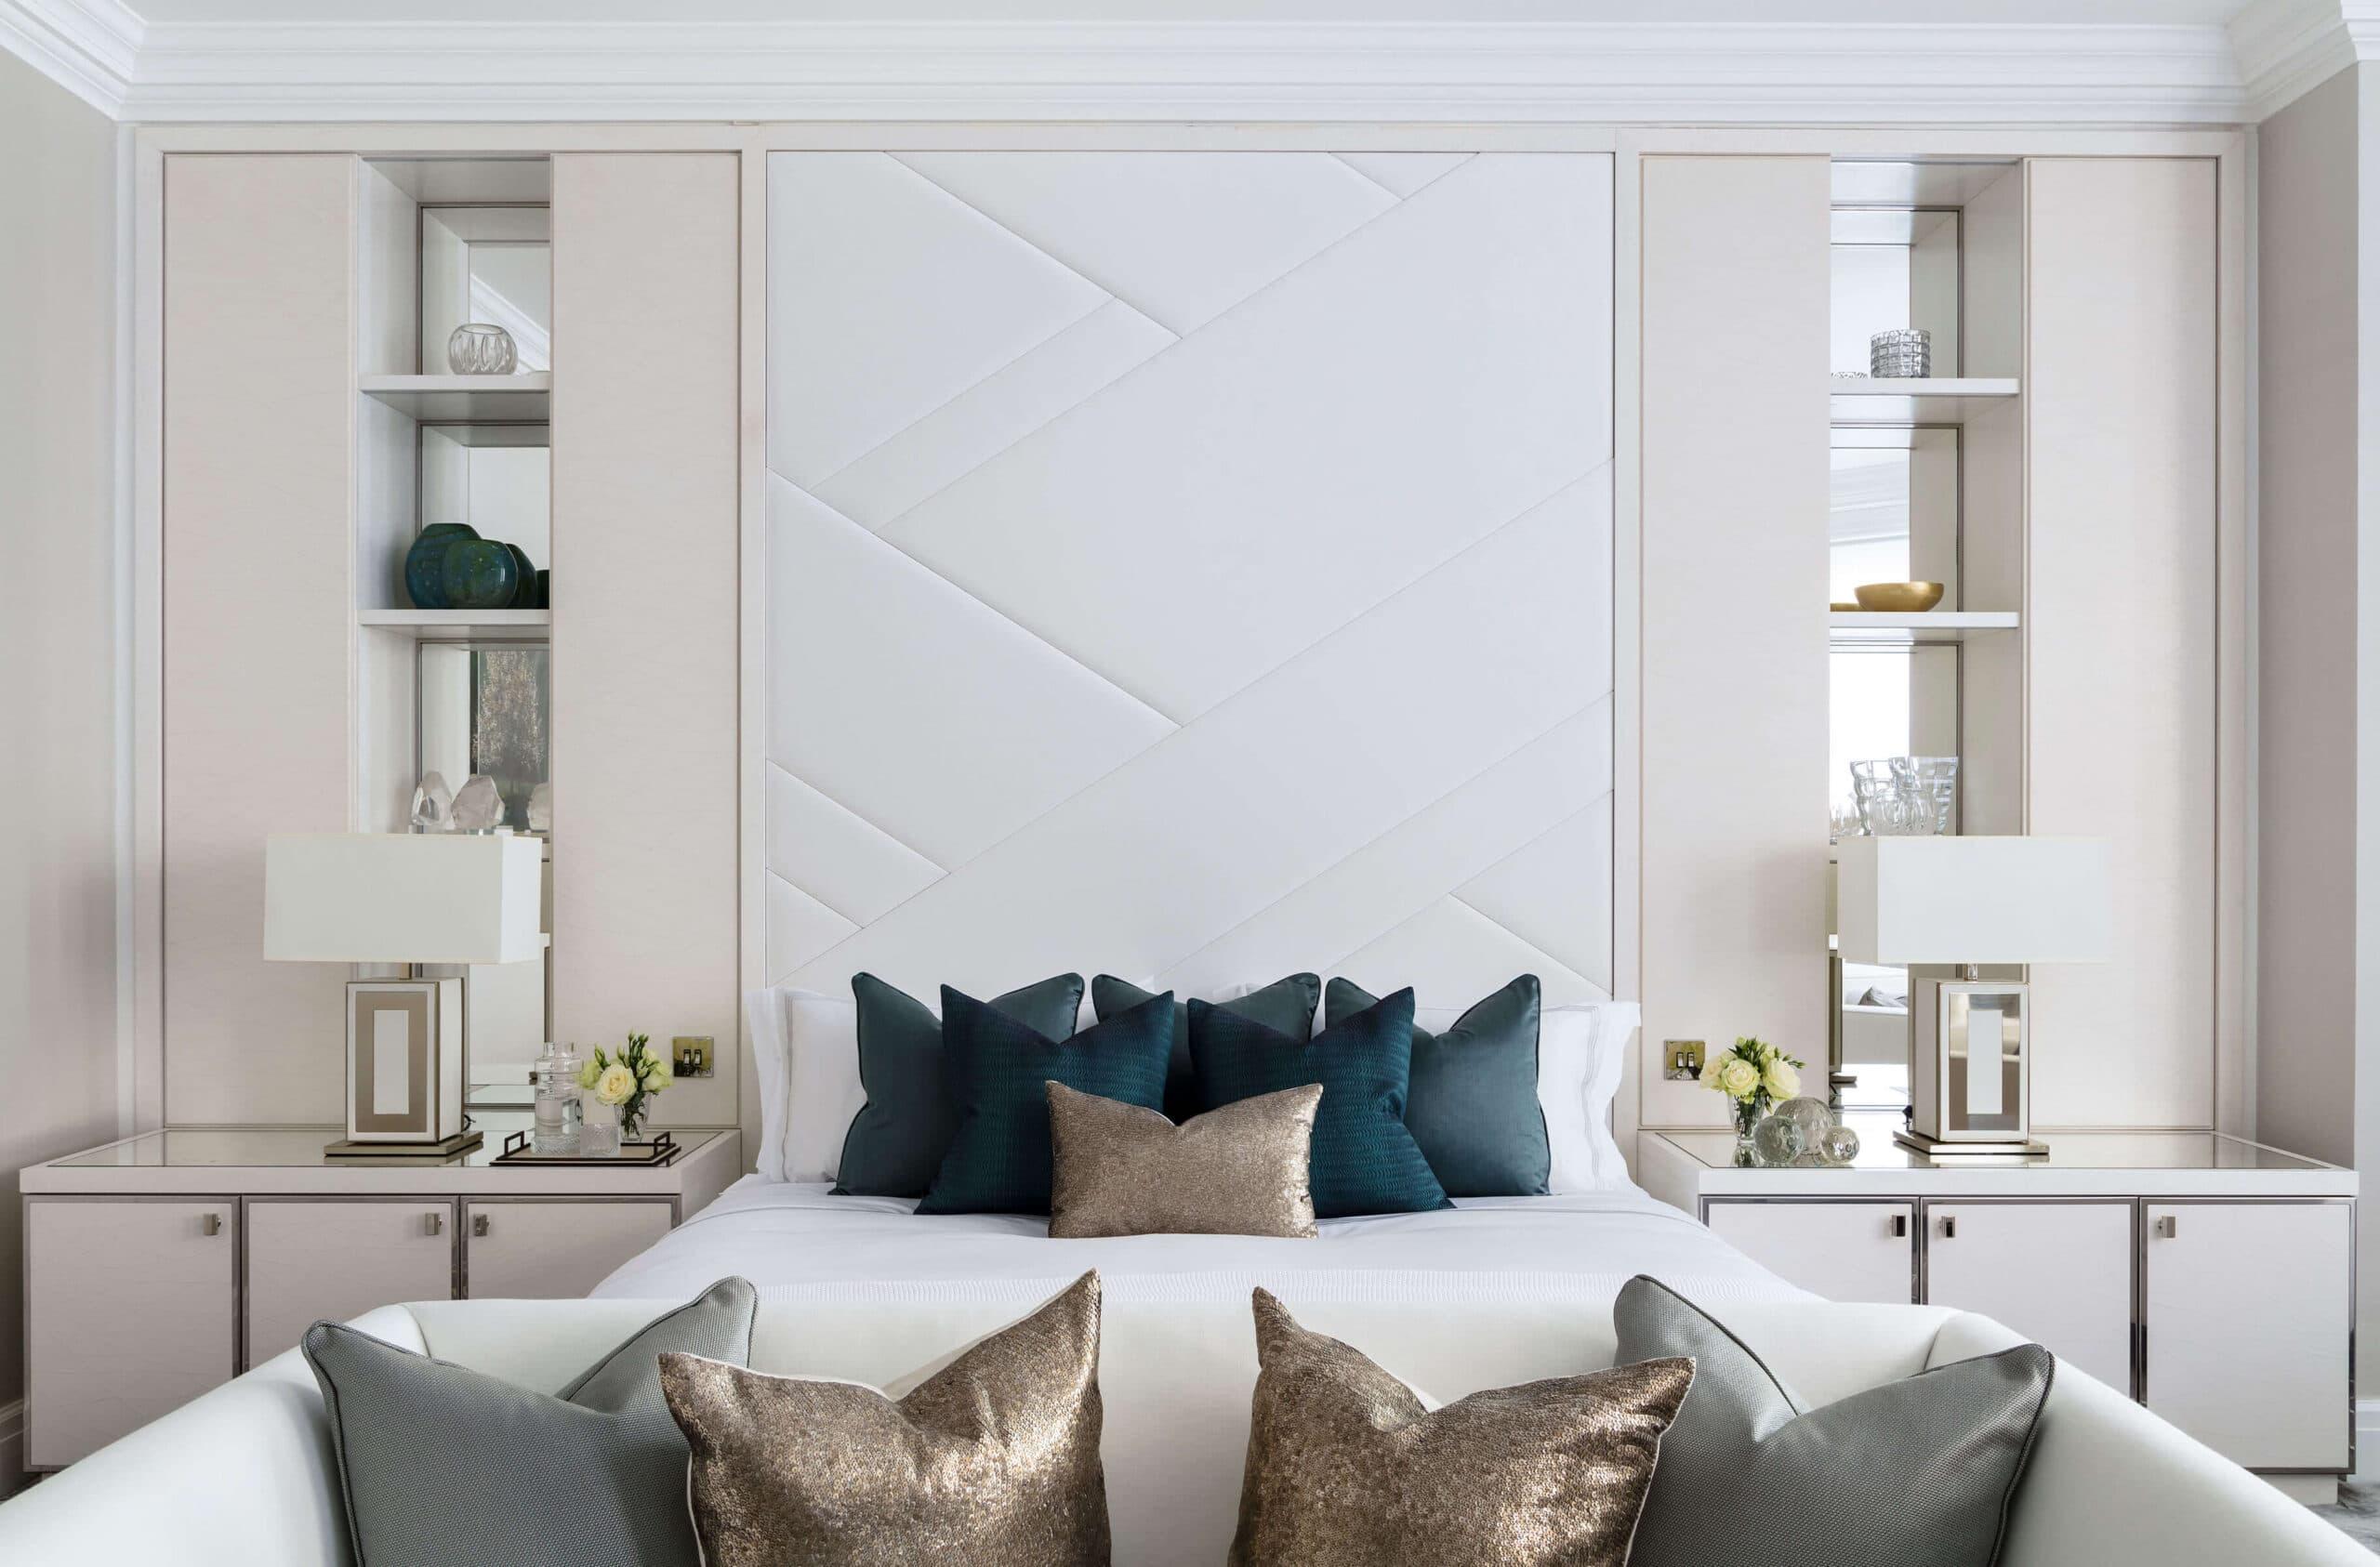 Mayfair luxruy interior designer